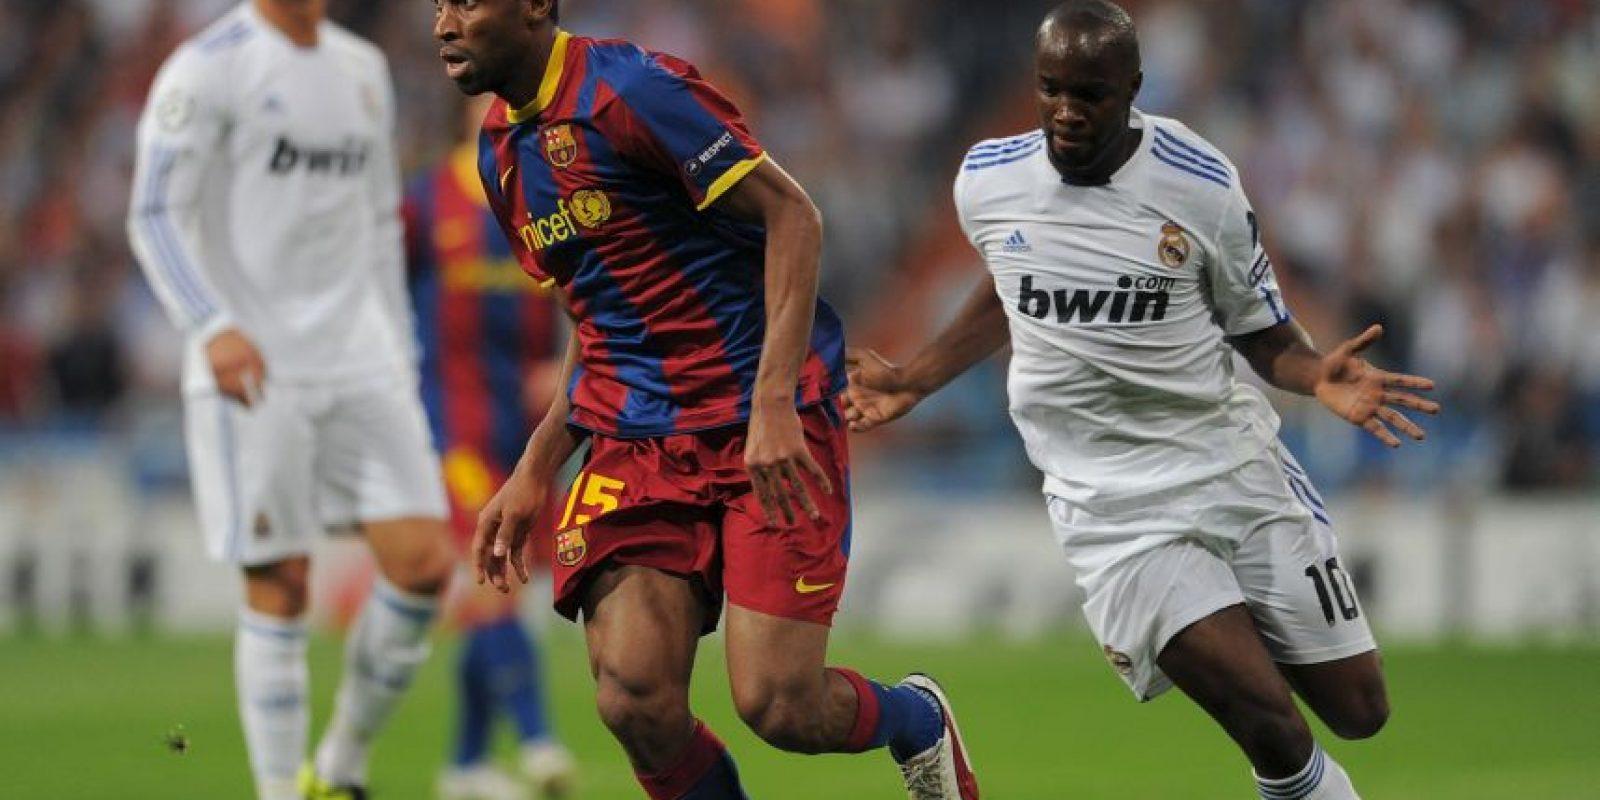 Y ambos fueron eliminados por Manchester United y Barcelona. Es la última vez que los equipos que jugaron la ida en casa quedaron fuera Foto:Getty Images